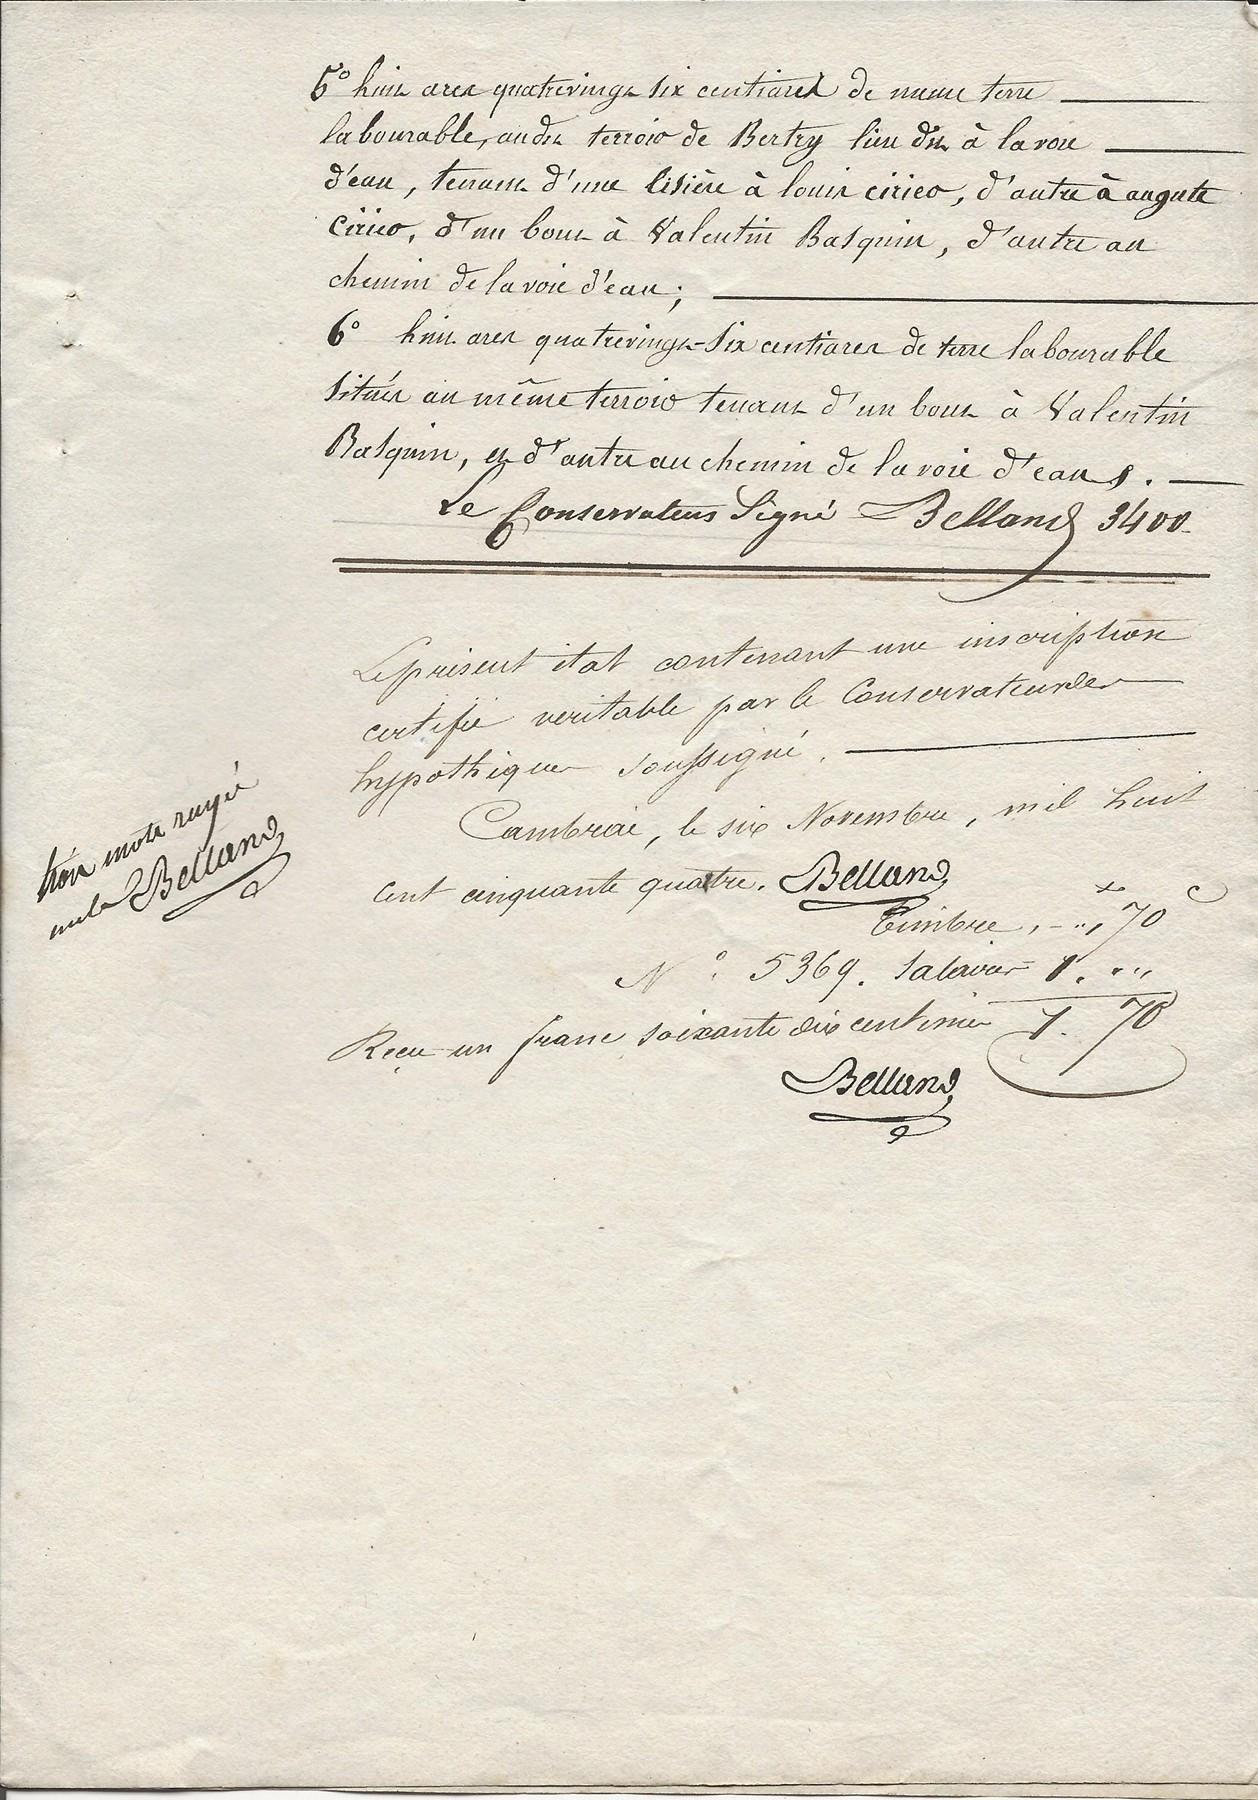 1854 creance hypothecaire contre couple jospin ciriez 004